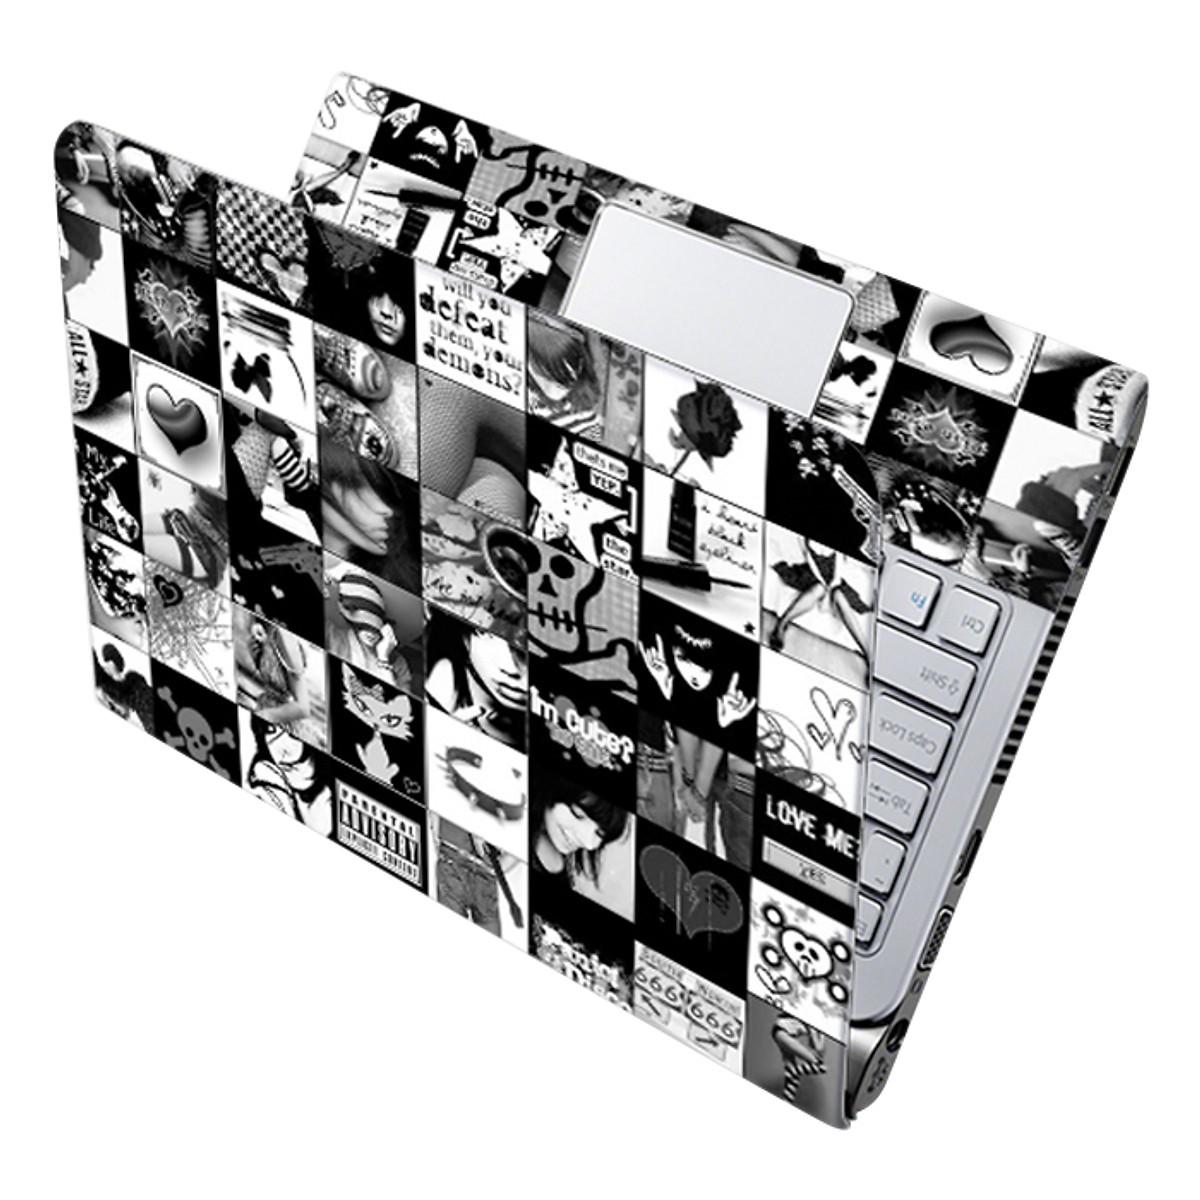 Mẫu Dán Decal Laptop Nghệ Thuật  LTNT- 92 cỡ 13 inch